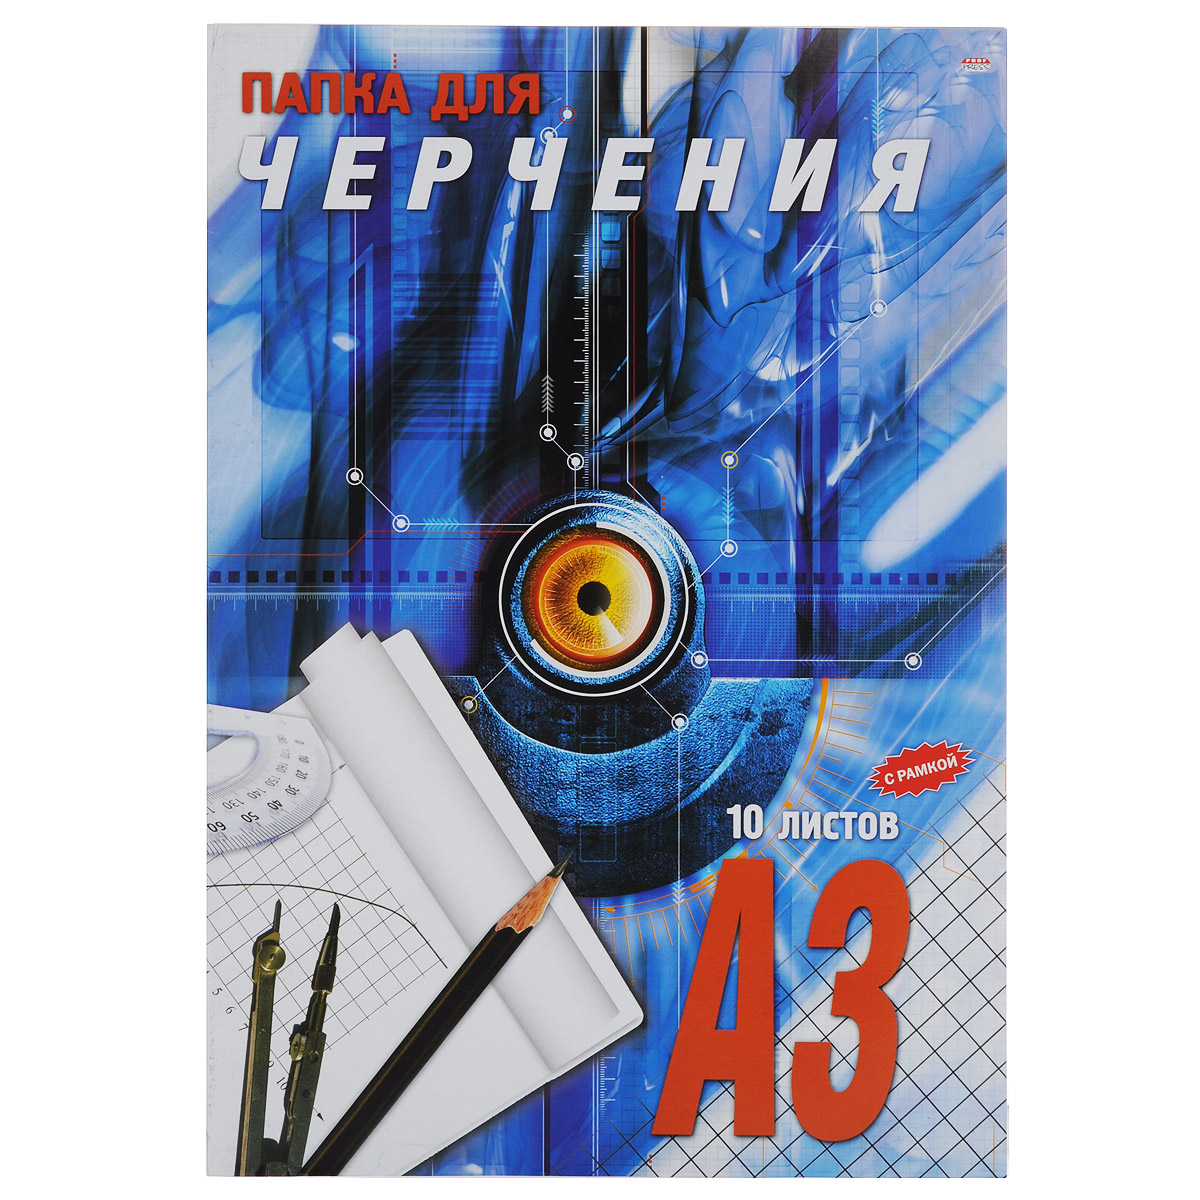 Папка для черчения Prof Press, формат А3, 10 листов бумага для пастели 20 листов а3 4 089